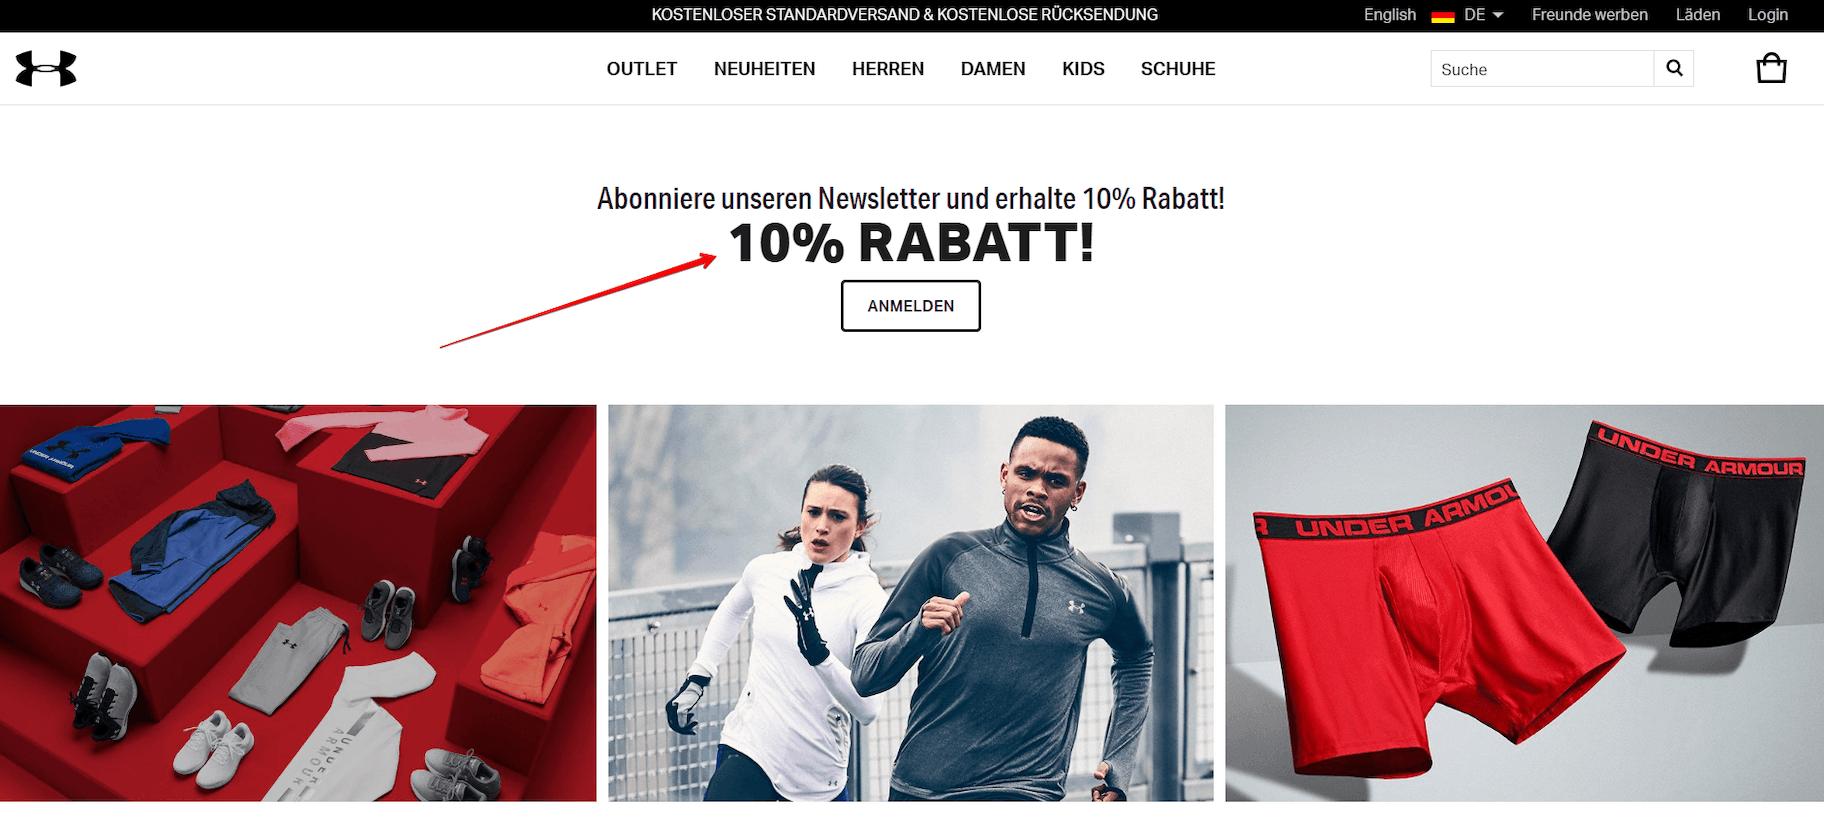 Email marketing von under armour deutschland